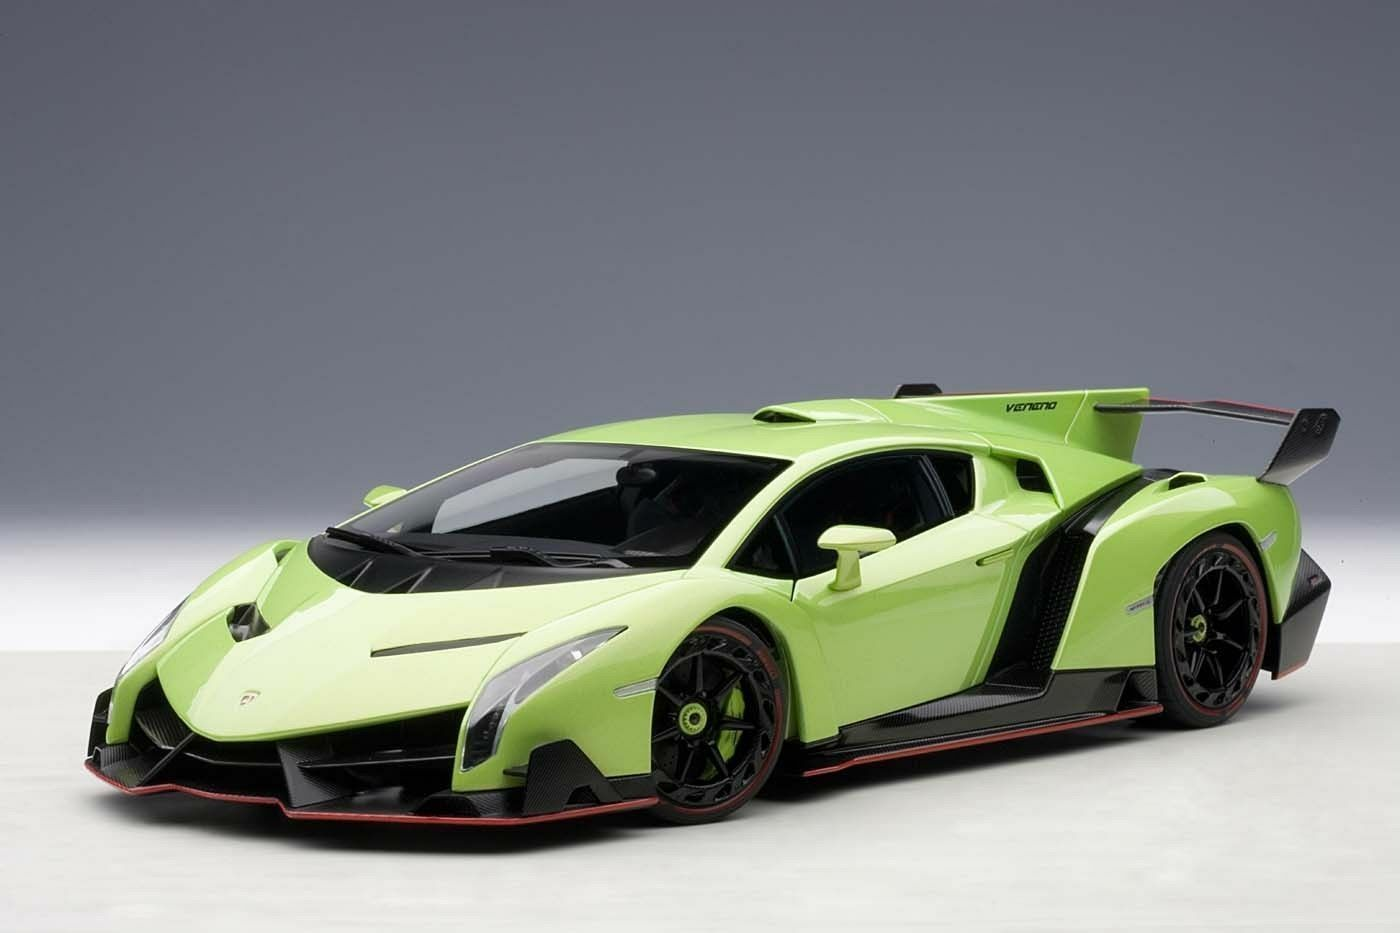 1/18 Autoart Lamborghini Veneno Geneva Visualizza Auto 2013 Verde + 1/18 Vetrina